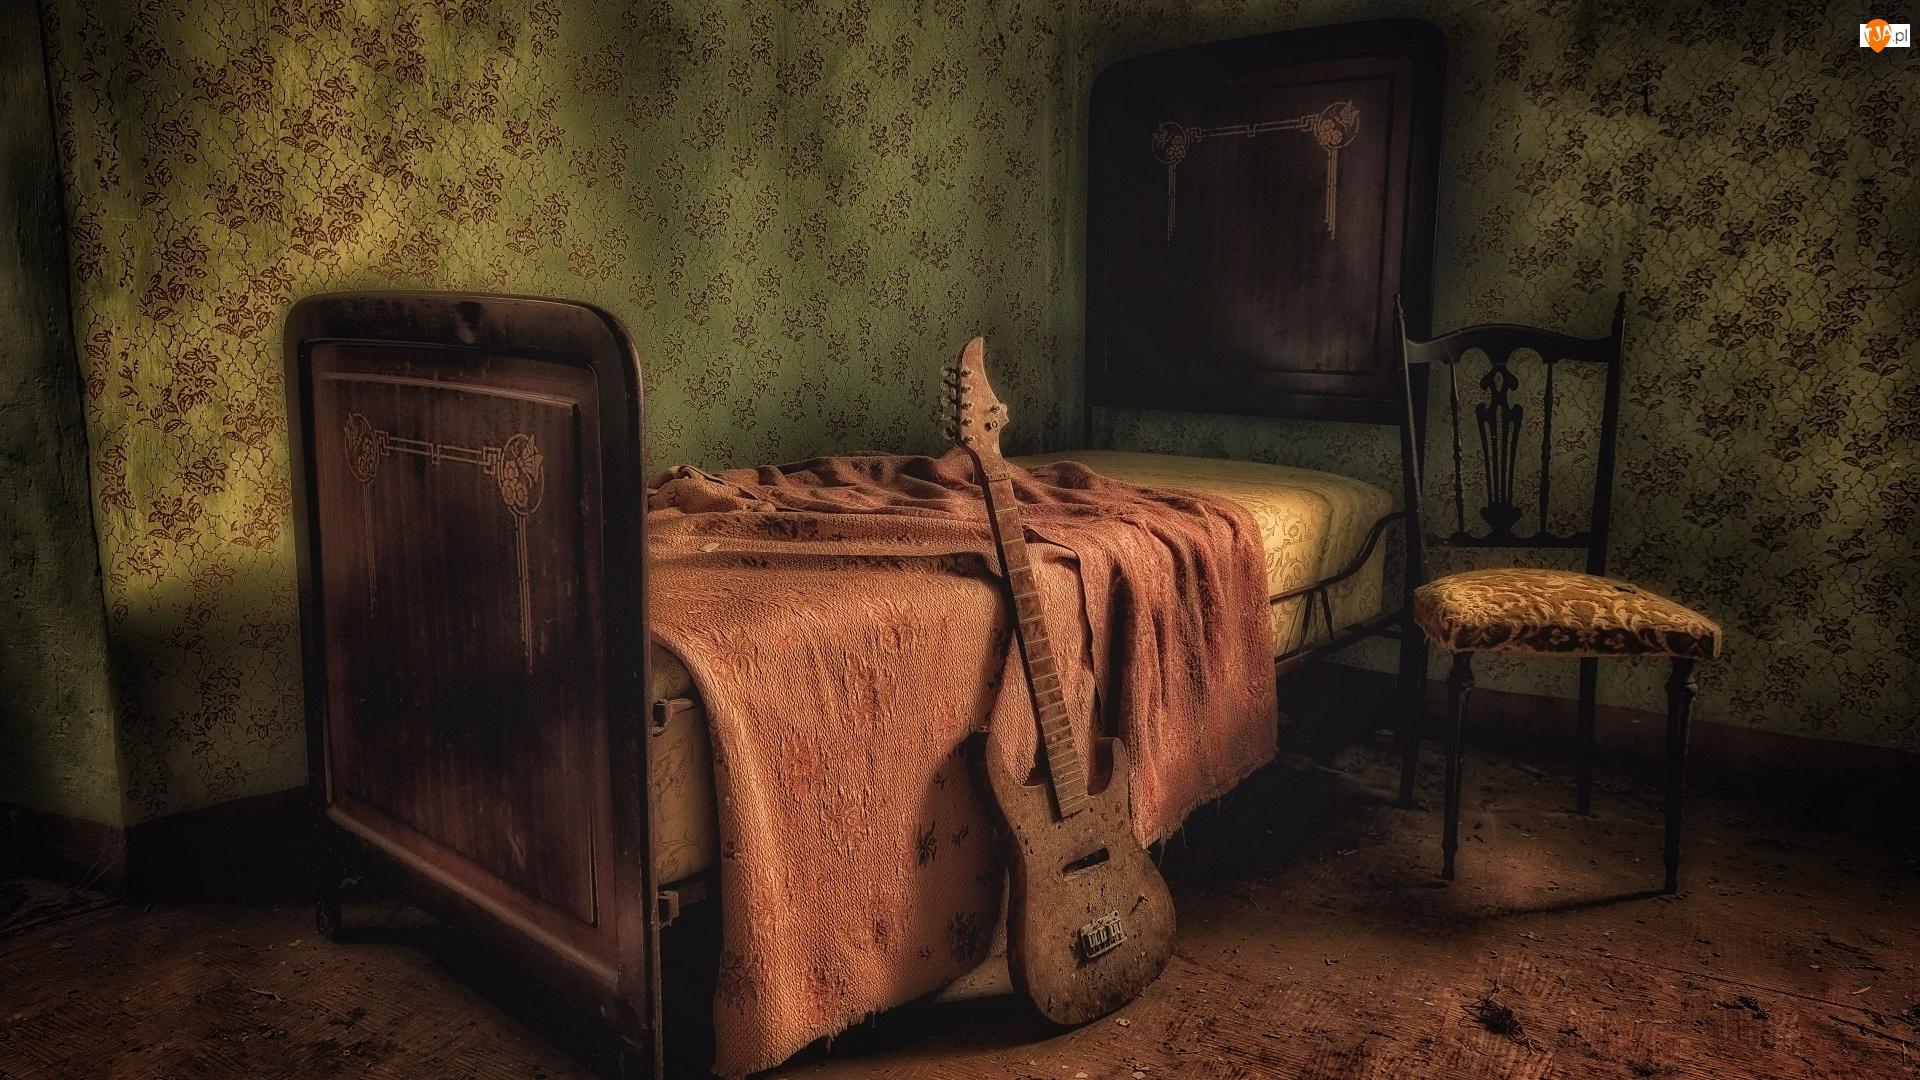 Pokój, Krzesło, Łóżko, Gitara